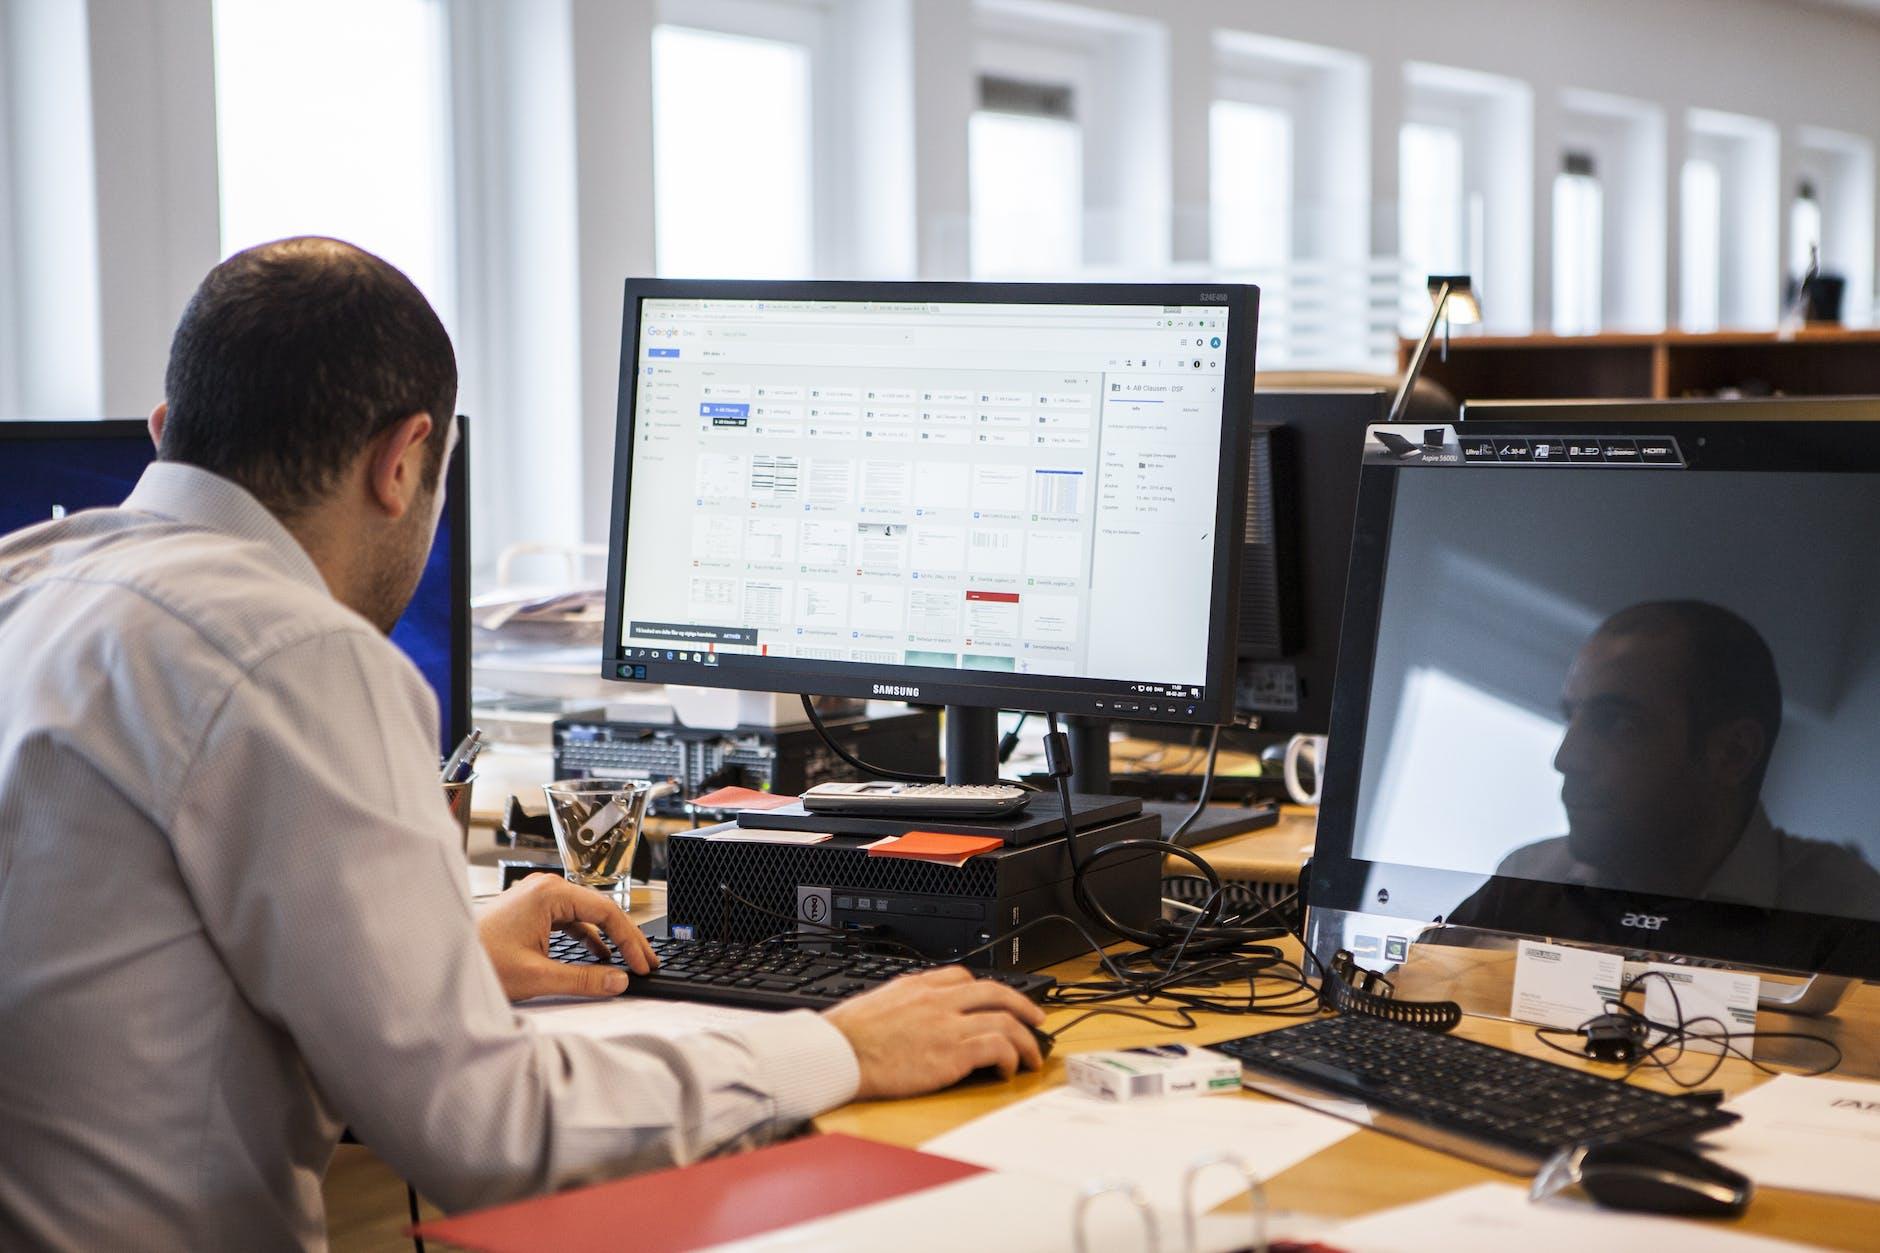 O que é crucial na organização empresarial?